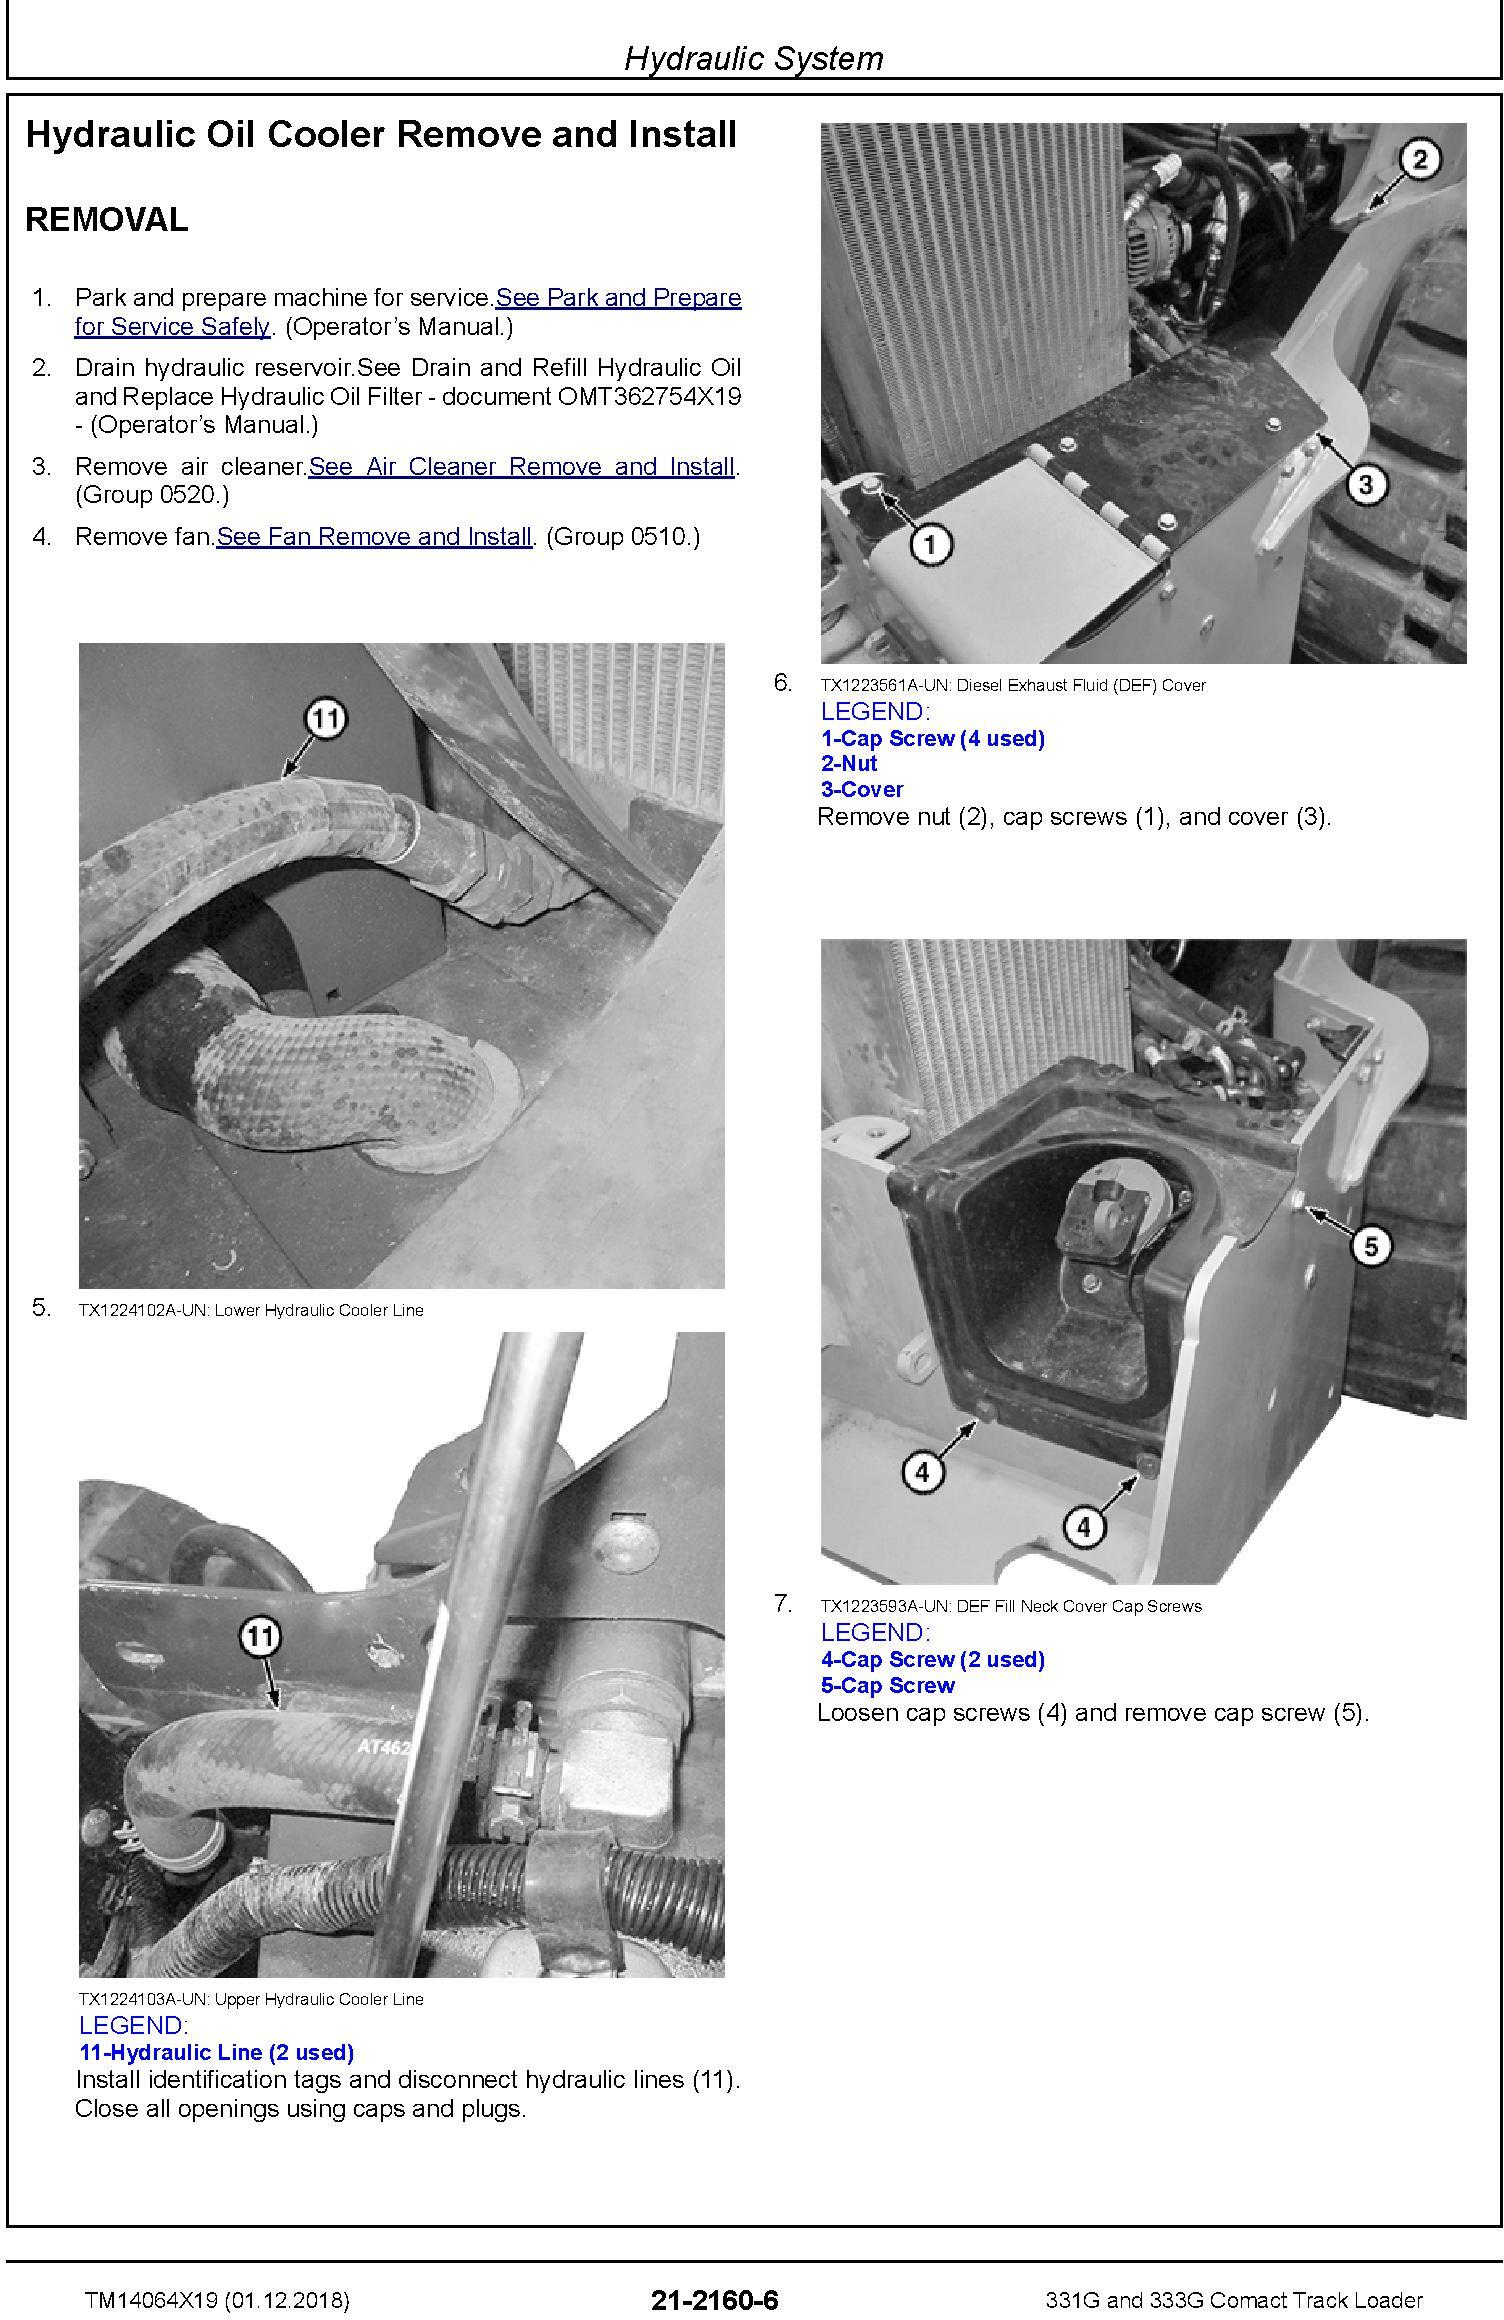 John Deere 331G and 333G Comact Track Loader Repair Service Manual (TM14064X19) - 3